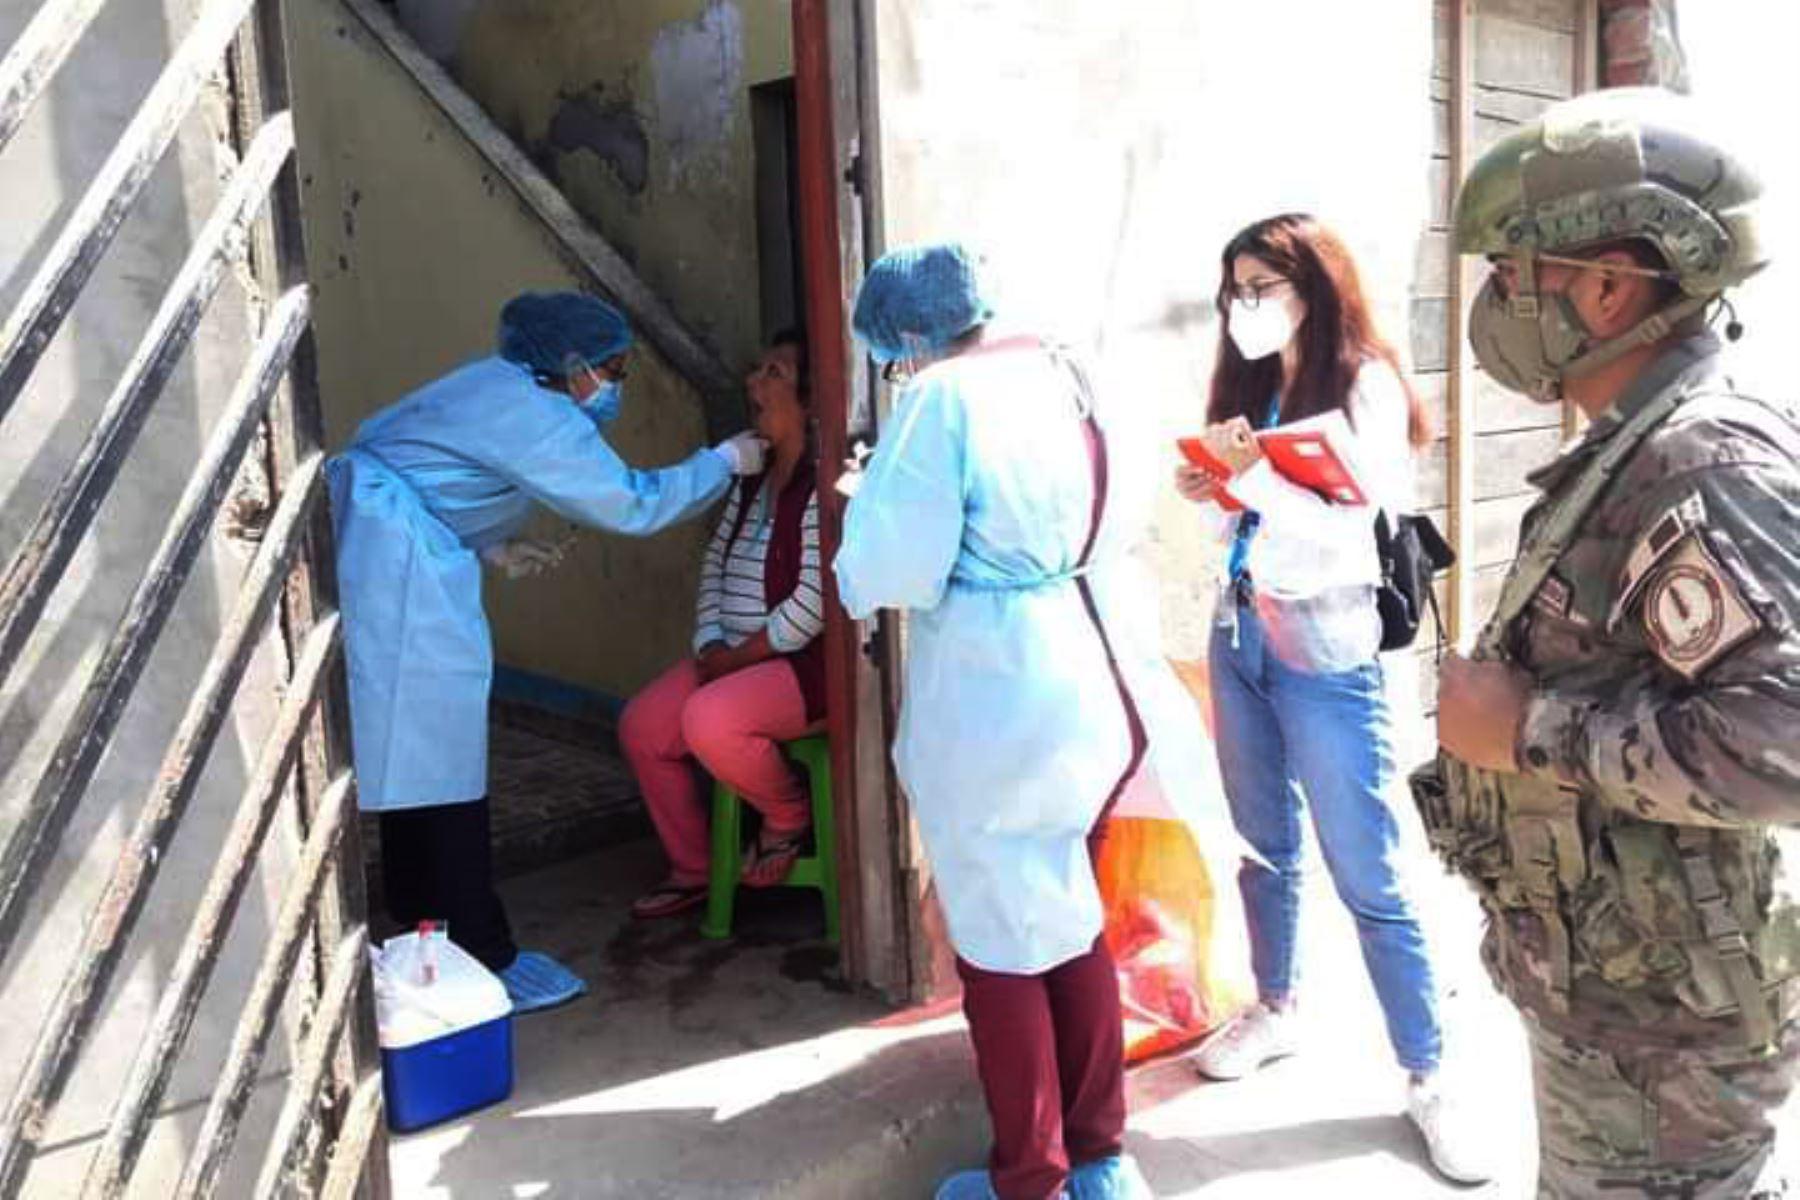 Los equipos de respuesta rápida de la  DIRIS Lima Sur visitan 500 viviendas de la zona de vista Alegre en Chorrilos, donde se realizan pruebas moleculares a personas en estado de vulnerabilidad. Foto: @DIRISLimaSur